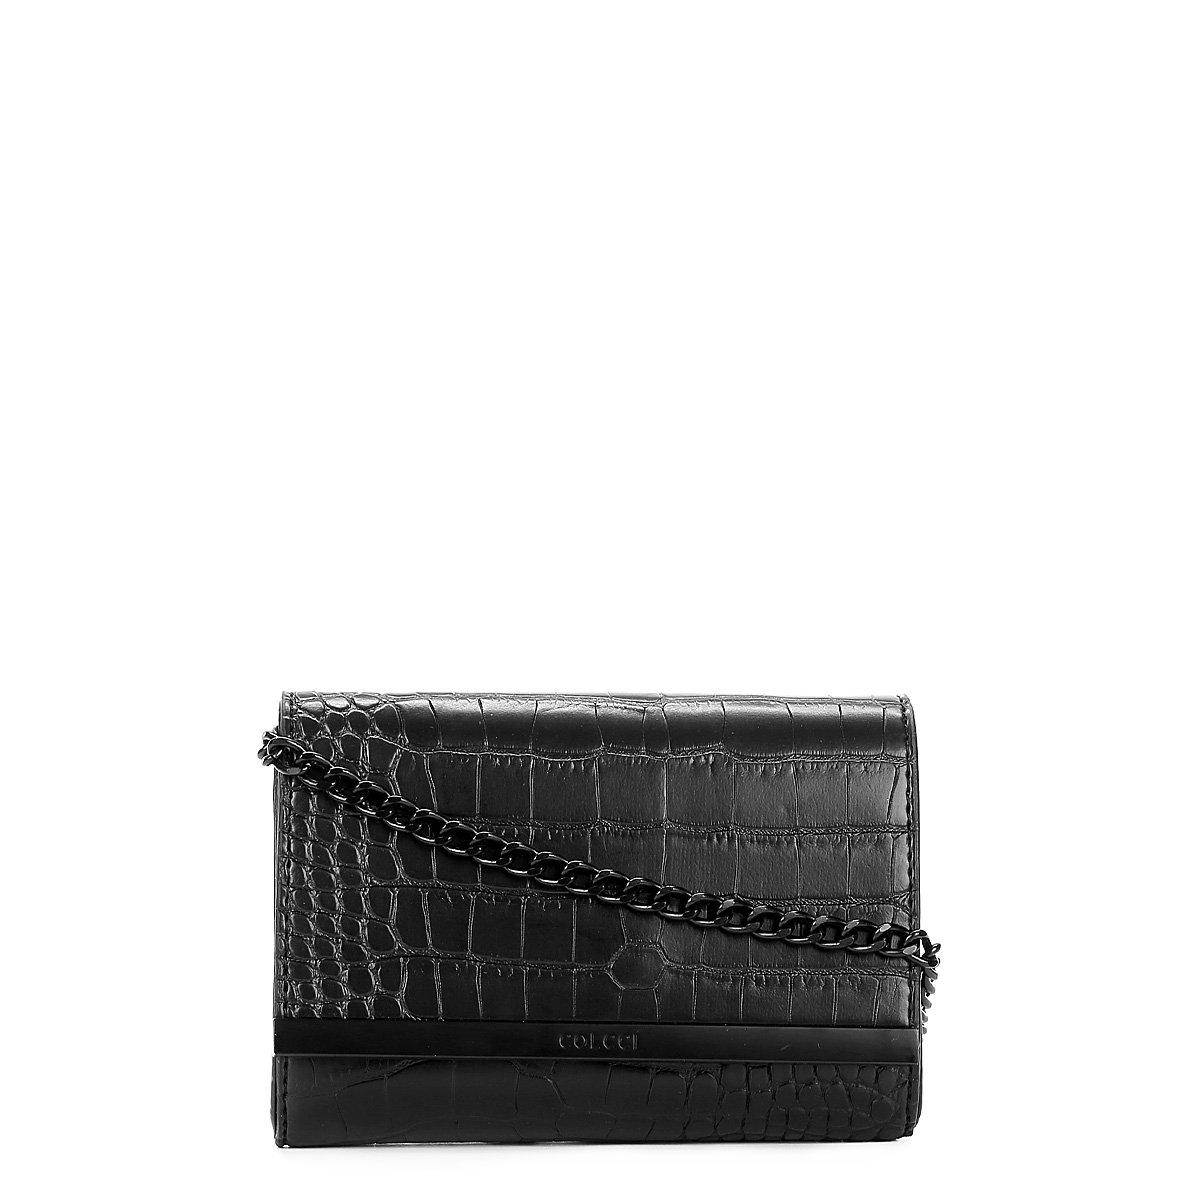 f6f1a4b26 Bolsa Colcci Mini Bag Croco Placa Feminina | Livelo -Sua Vida com ...